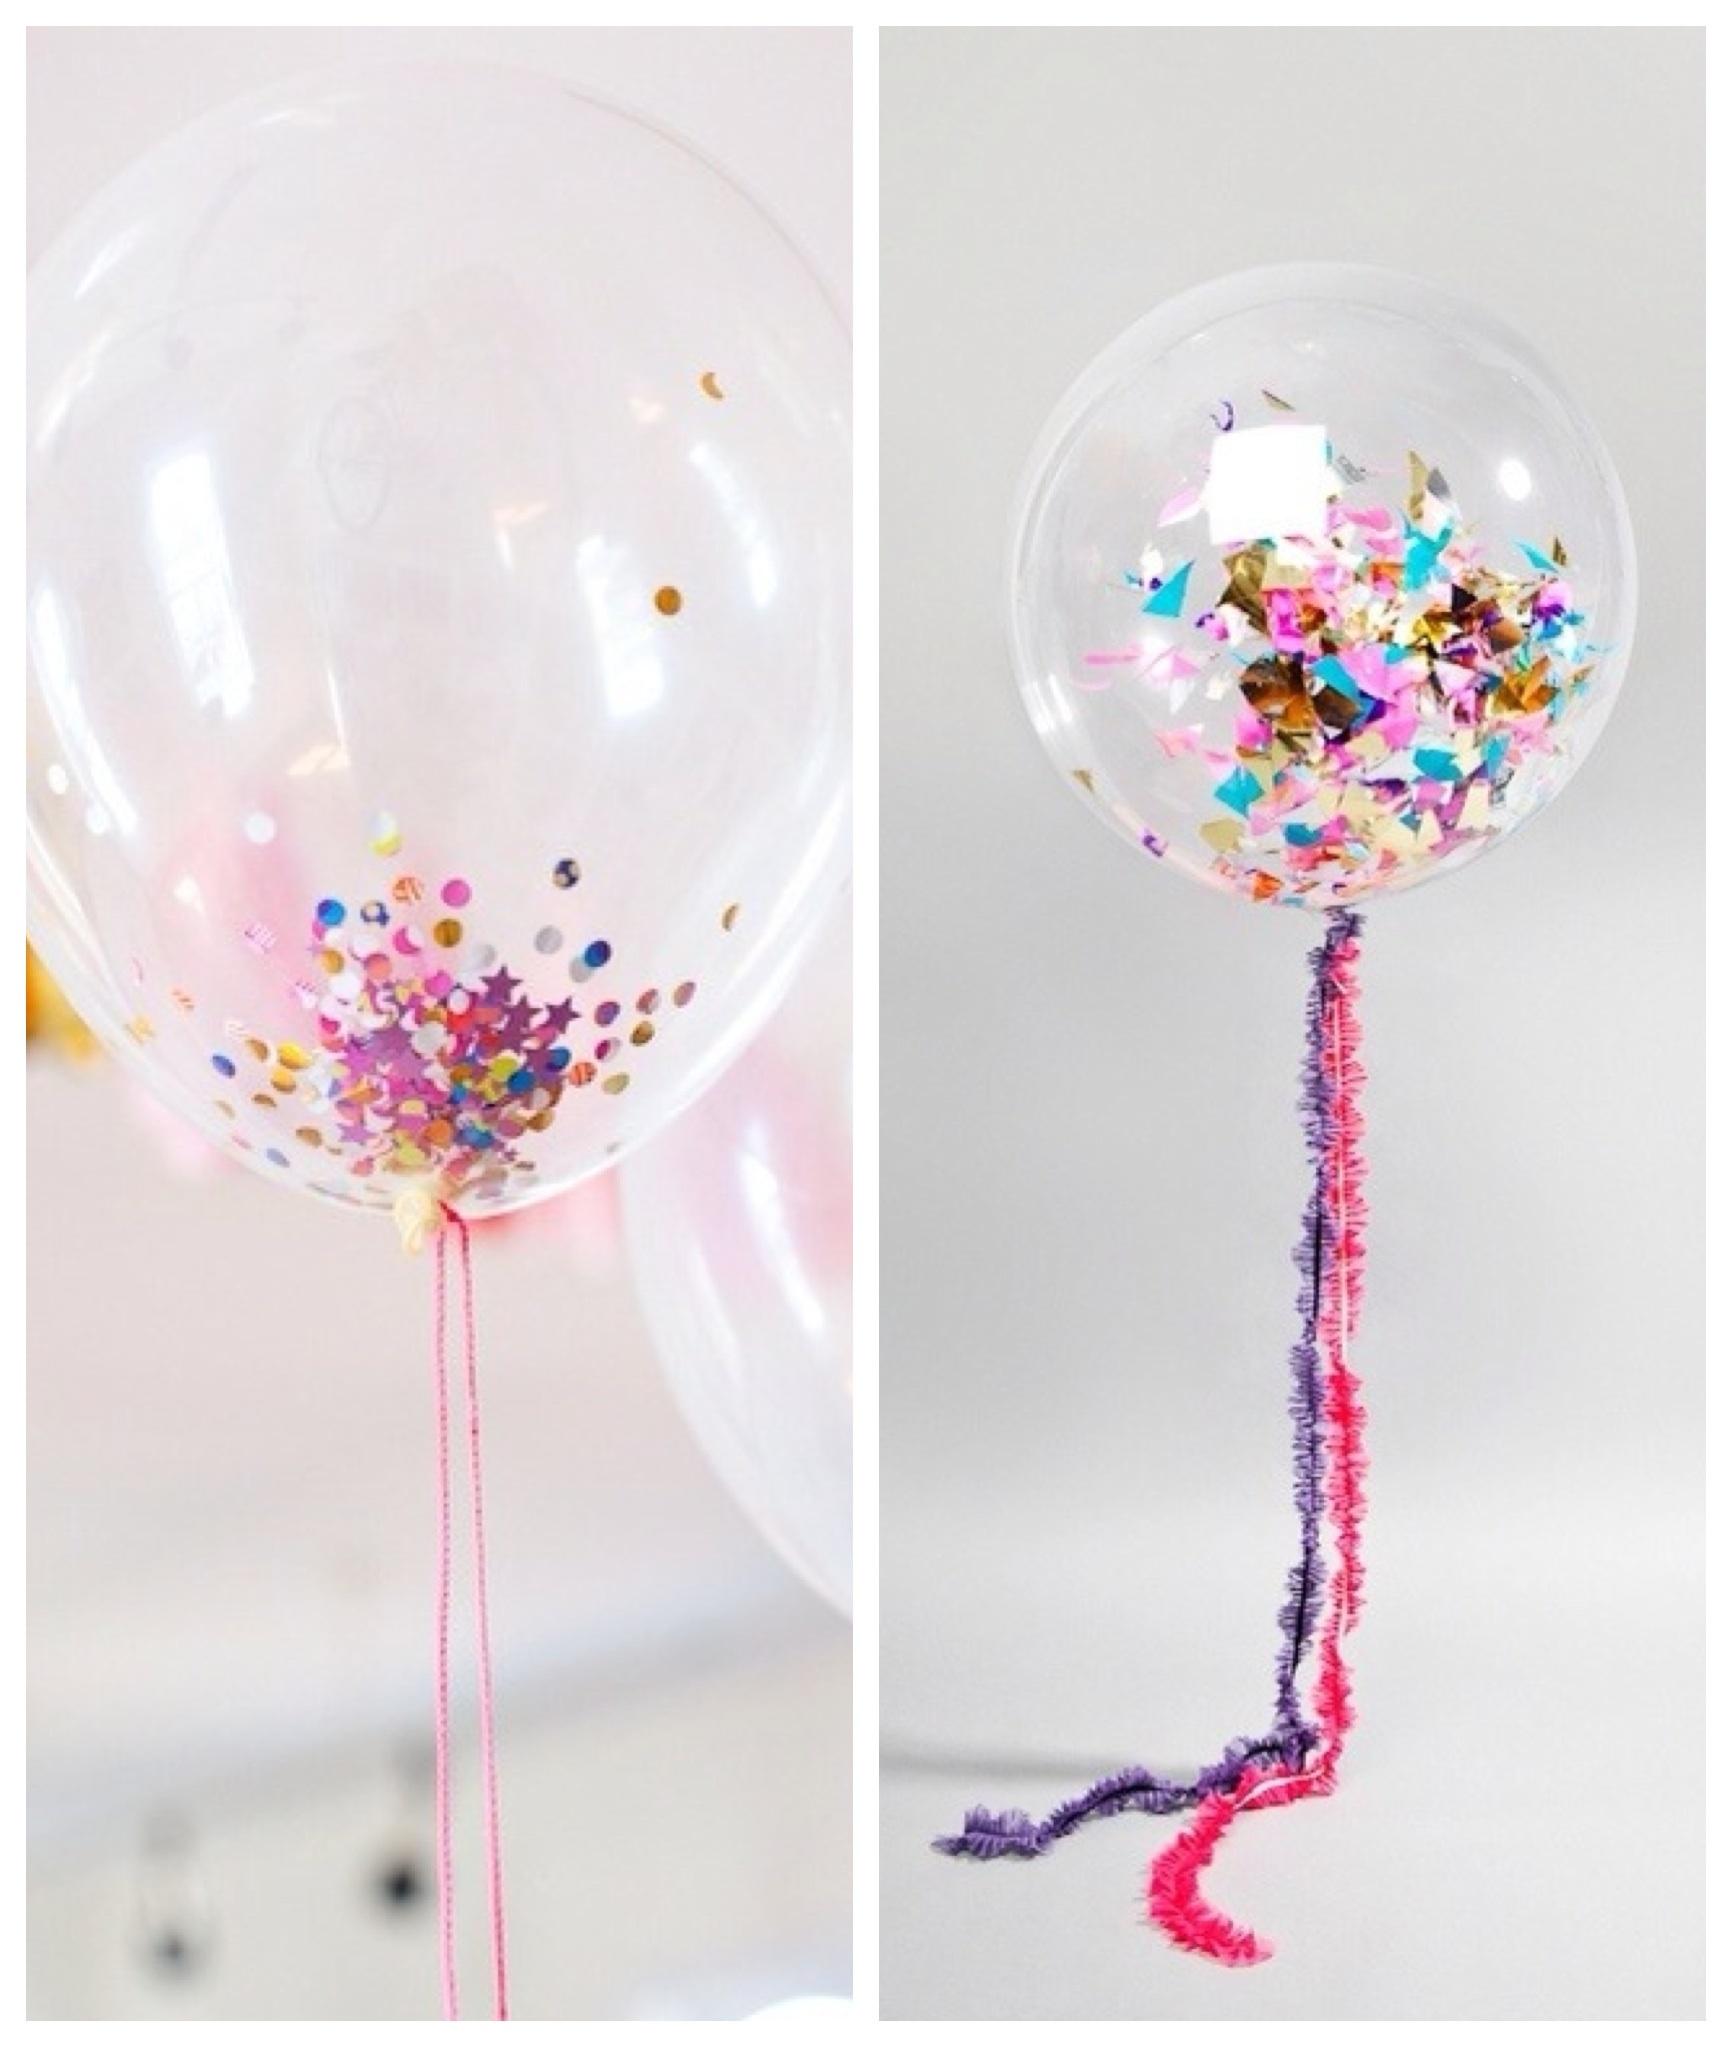 C mo decorar los globos para fiestas - Decorar con fotografias ...